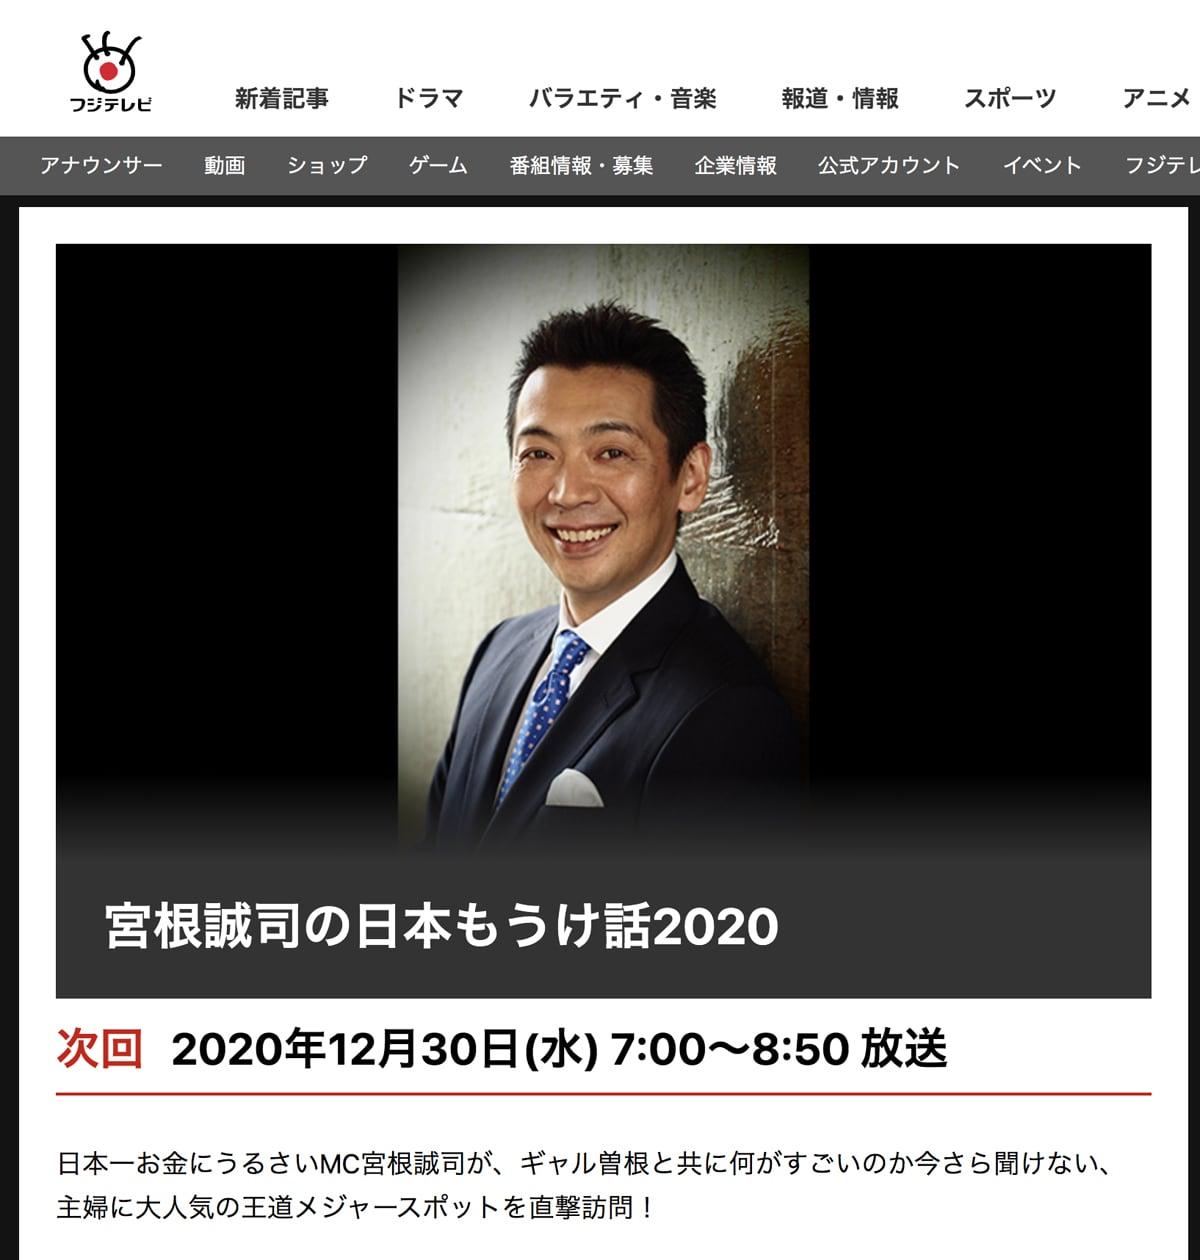 フジテレビ「宮根誠司の日本もうけ話2020」